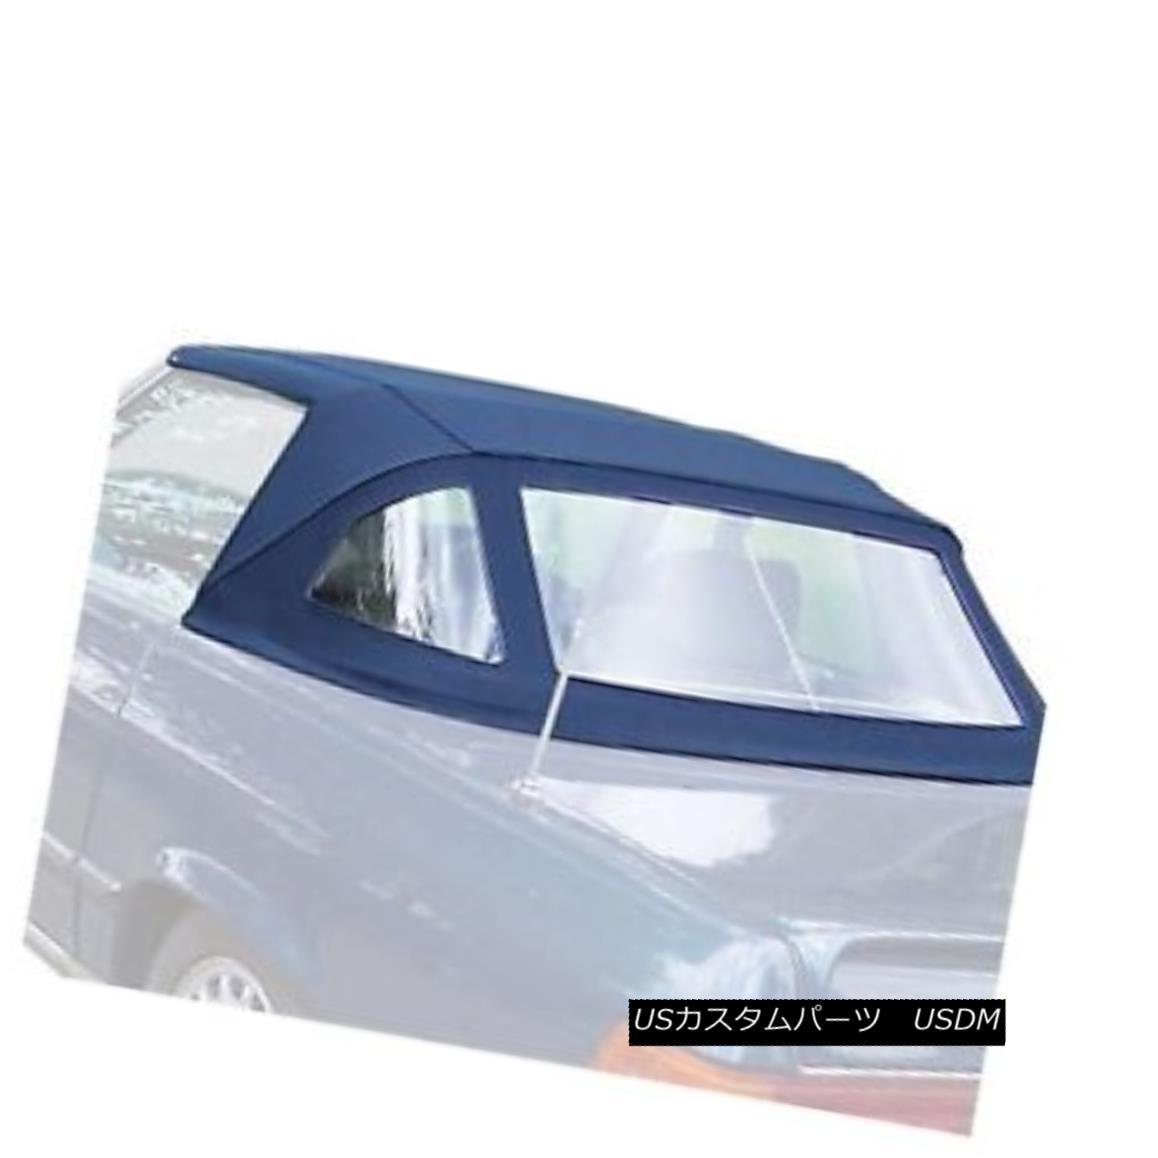 幌・ソフトトップ Mercedes-Benz SL R107 Mohair Soft Top, Blue メルセデスベンツSL R107モヘアソフトトップ、ブルー